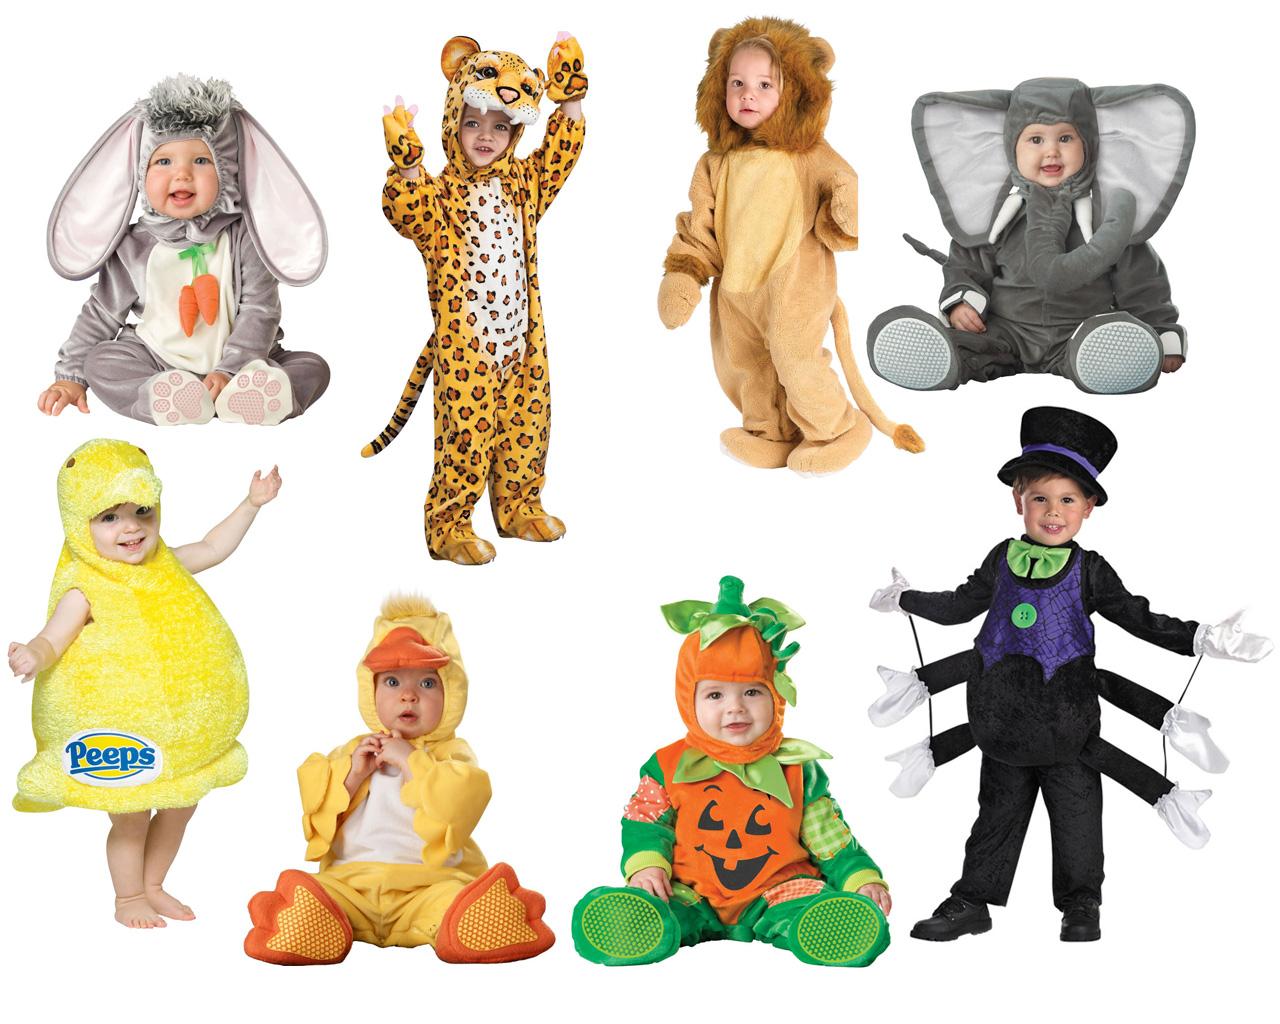 Де купити дитячий новорічний костюм   Где купить детский новогодний костюм    Where to buy New Year costume 7e9d921a4336b